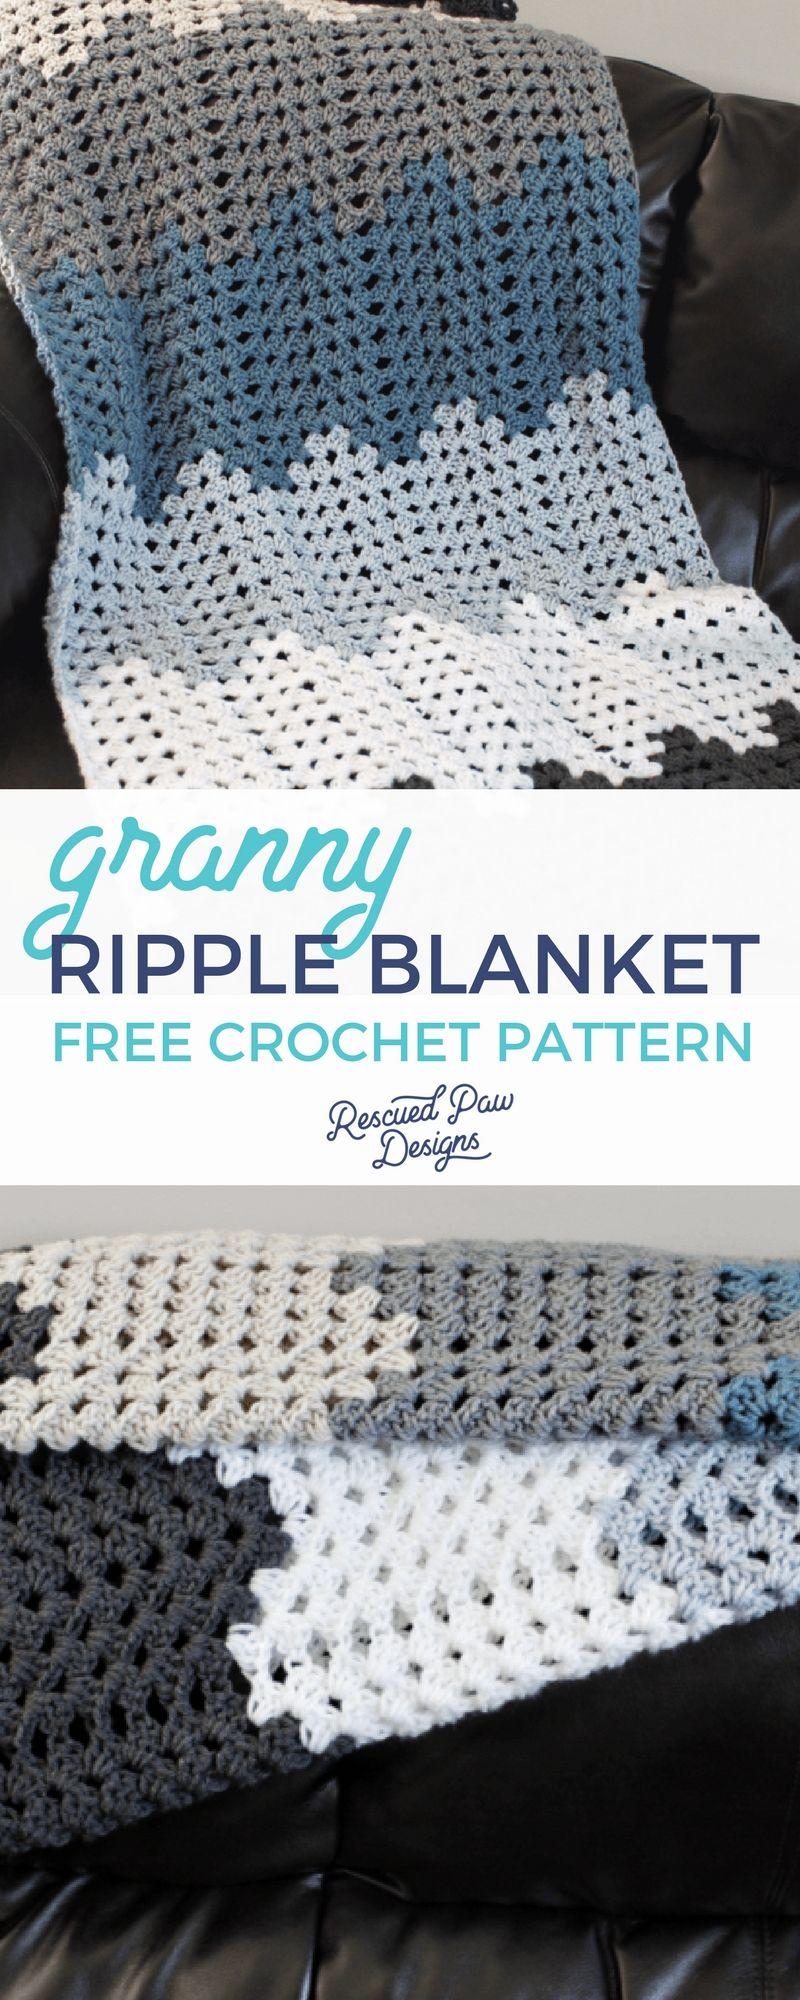 Crochet Blanket Pattern - Rescued Paw Designs Co. | Pinterest ...